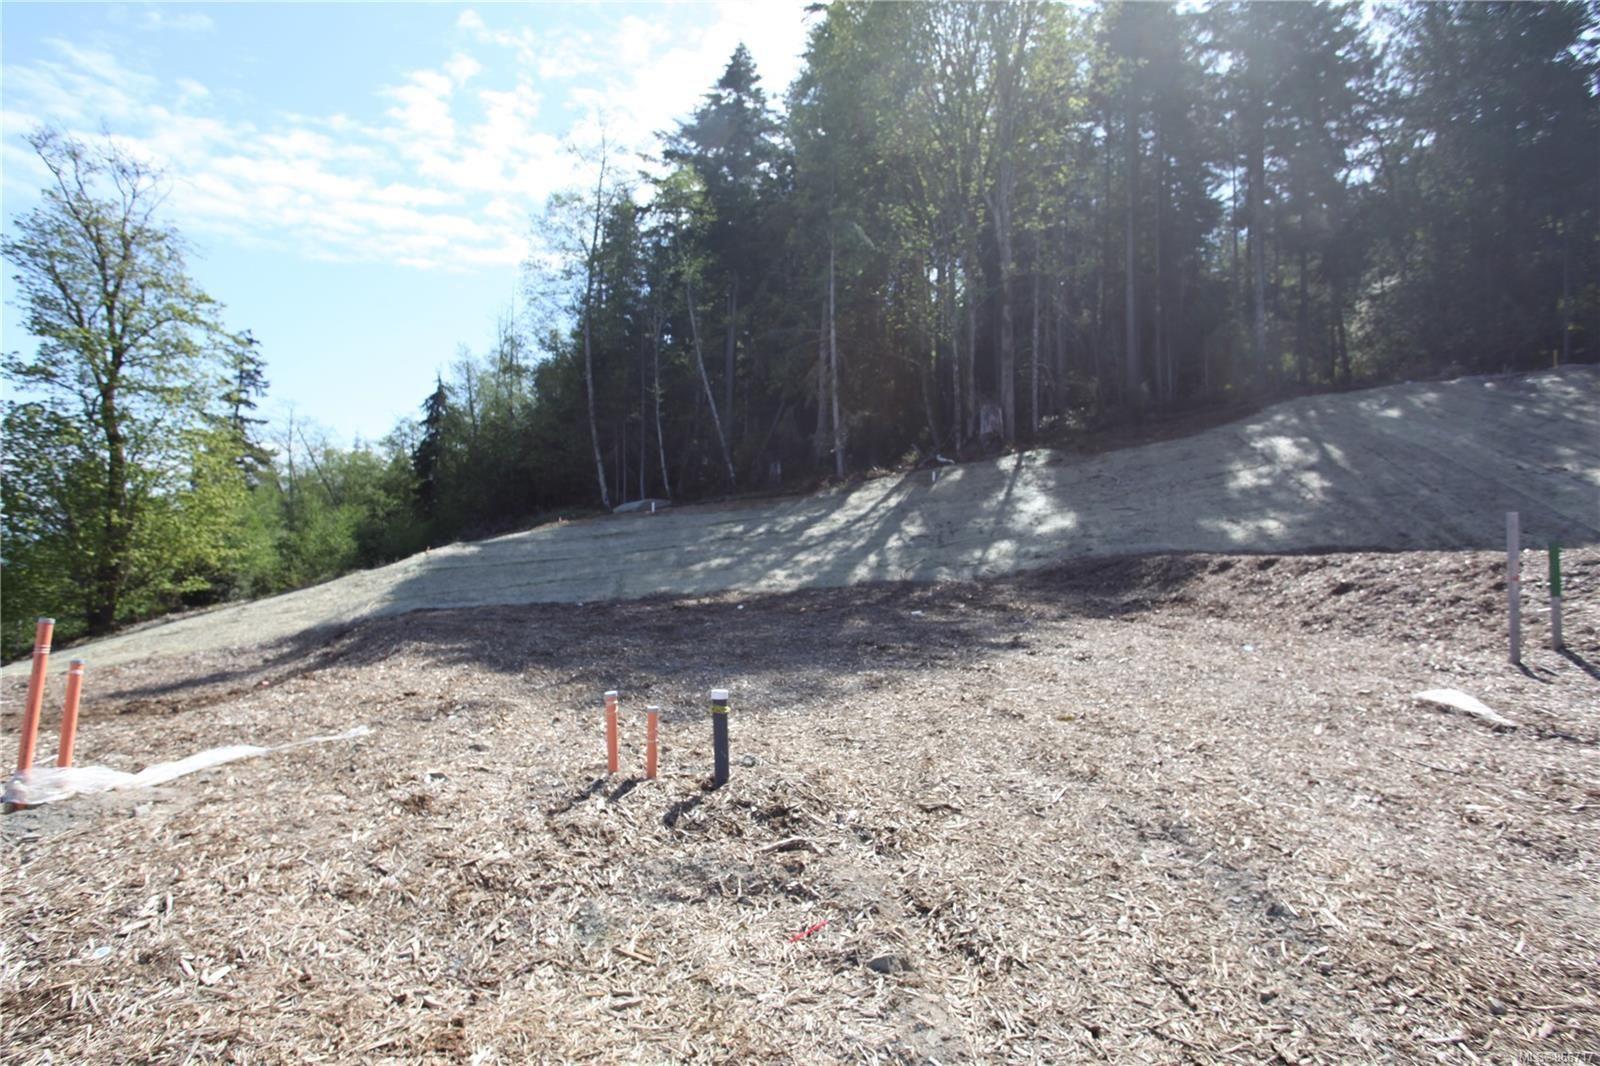 Main Photo: 113 Abalone Pl in : Na North Nanaimo Land for sale (Nanaimo)  : MLS®# 866717